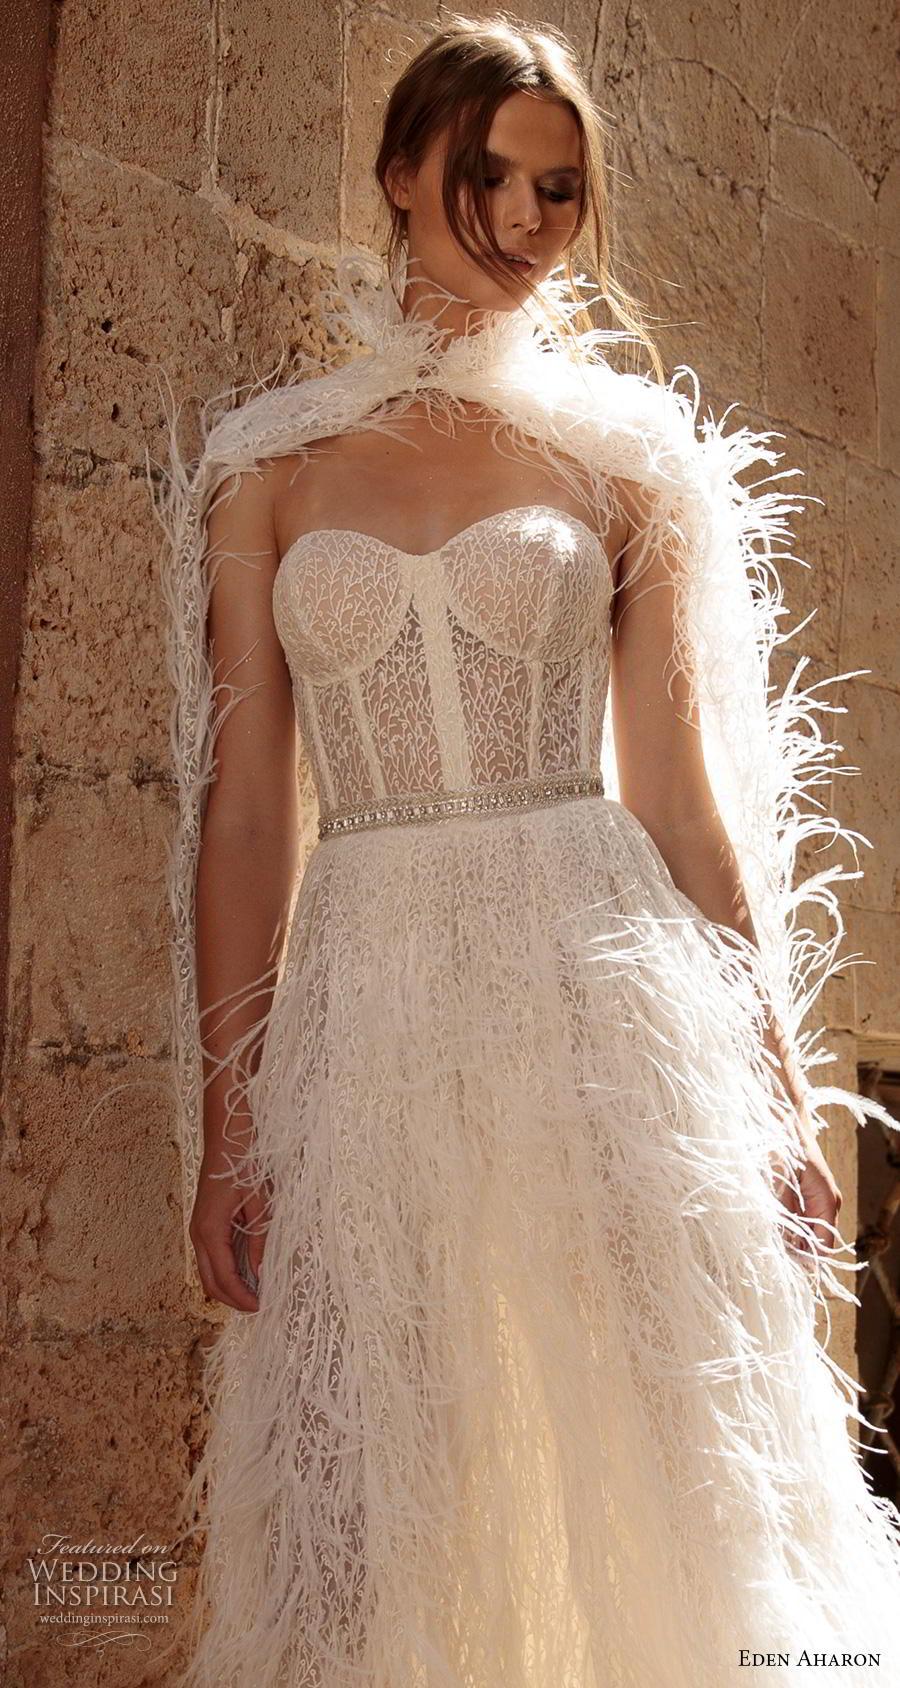 eden aharon 2019 bridal strapless sweetheart neckline full embellishment bustier fringe skirt romantic a  line wedding dress with cape sweep dress (5) zv